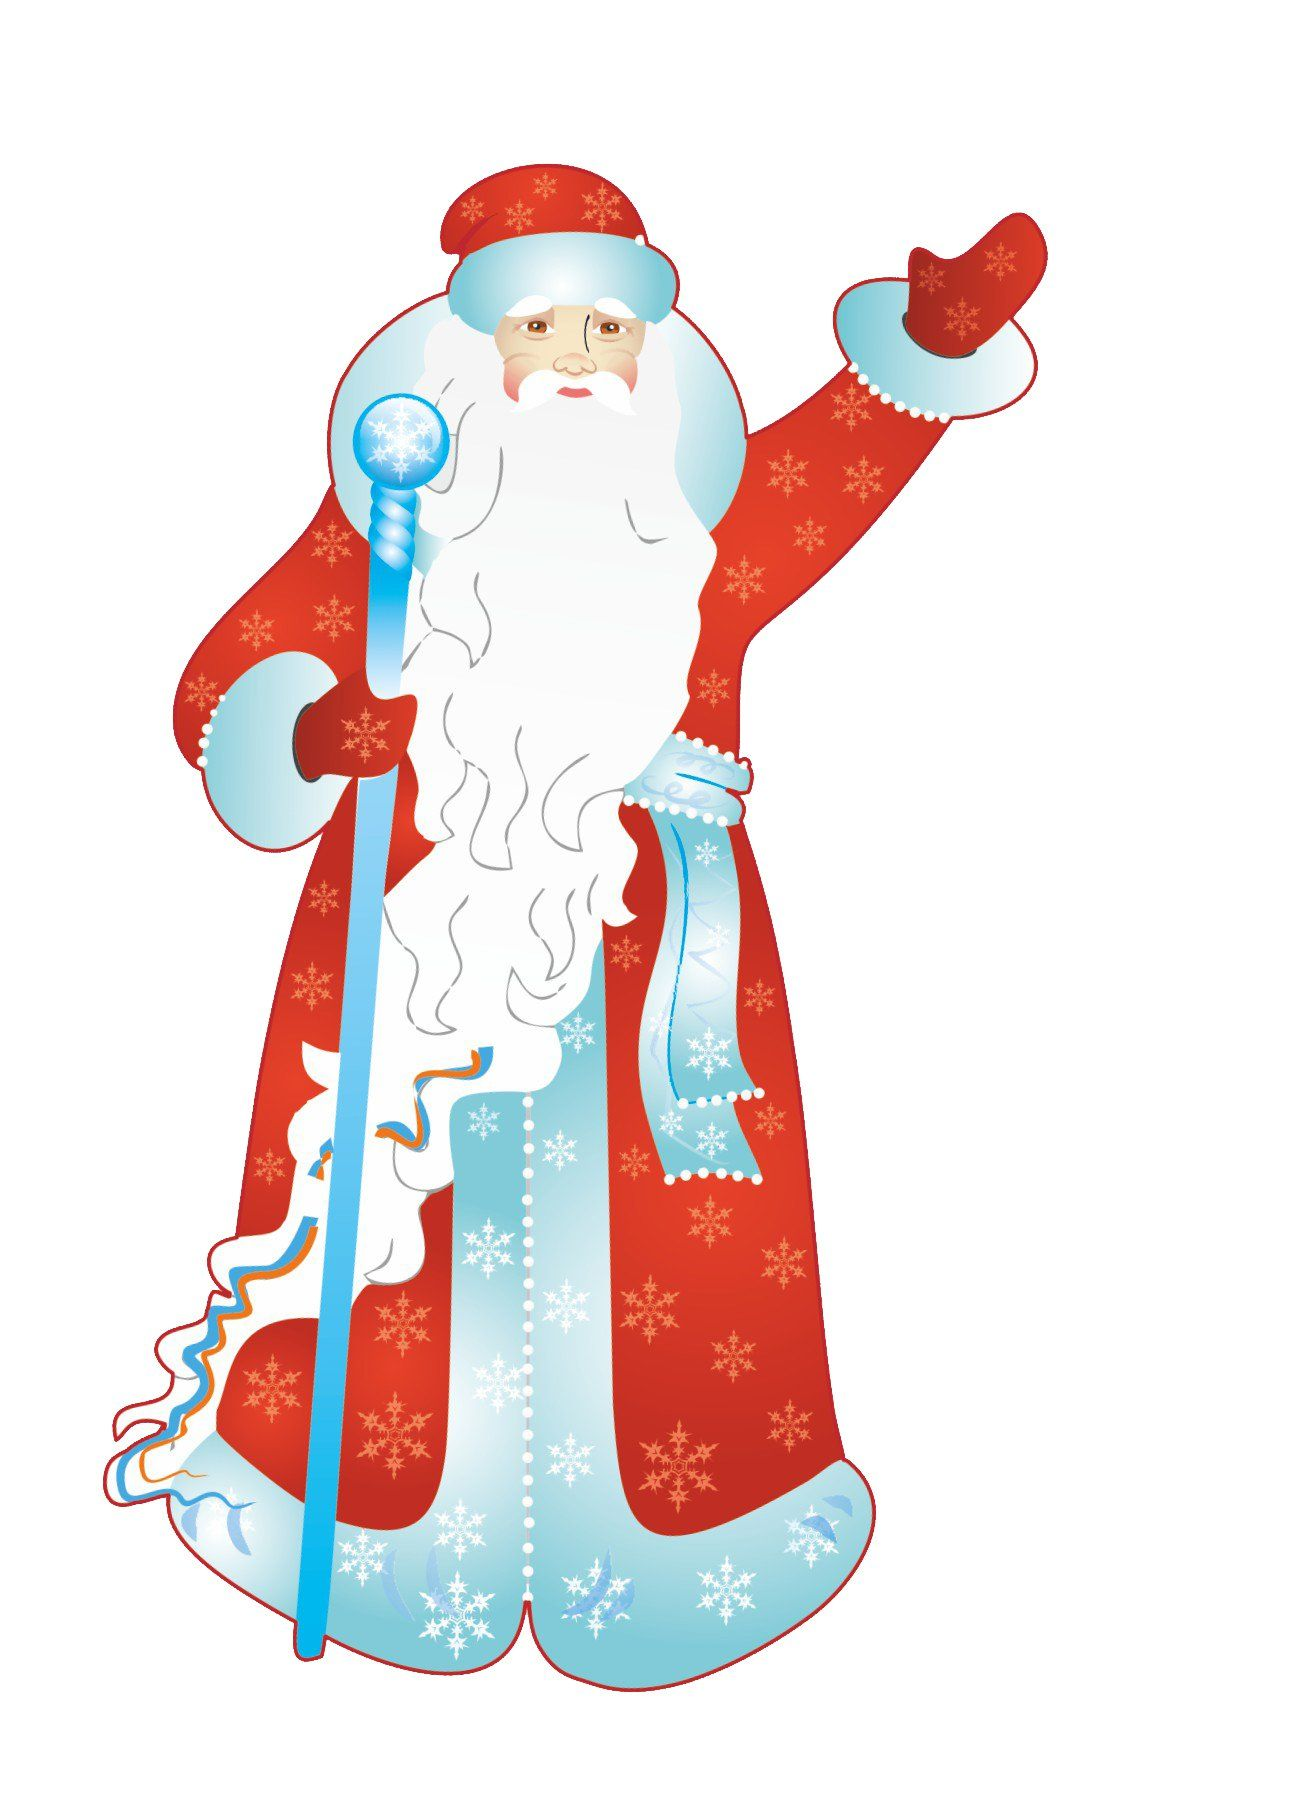 Мини-плакат вырубной Дед Мороз: 106х139 ммТовары для оформления и проведения праздника<br>.<br><br>Год: 2018<br>Серия: Вырубные фигуры для оформления<br>Высота: 139<br>Ширина: 106<br>Переплёт: набор